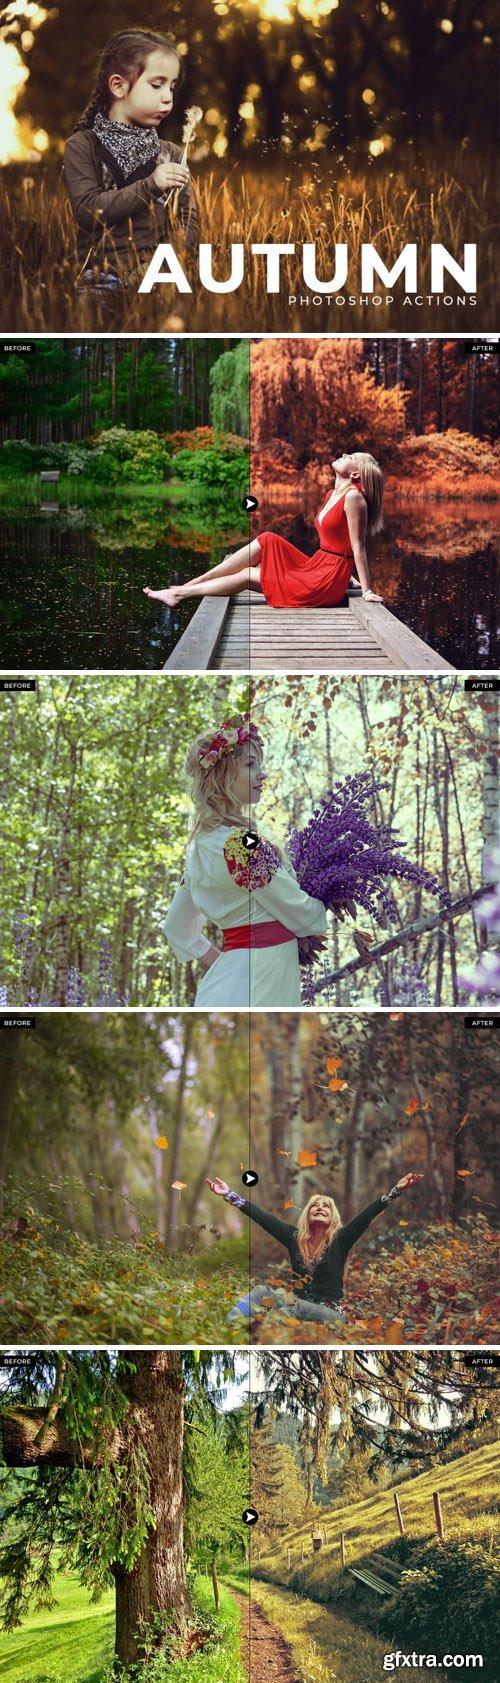 50 Autumn Photoshop Actions Bundle